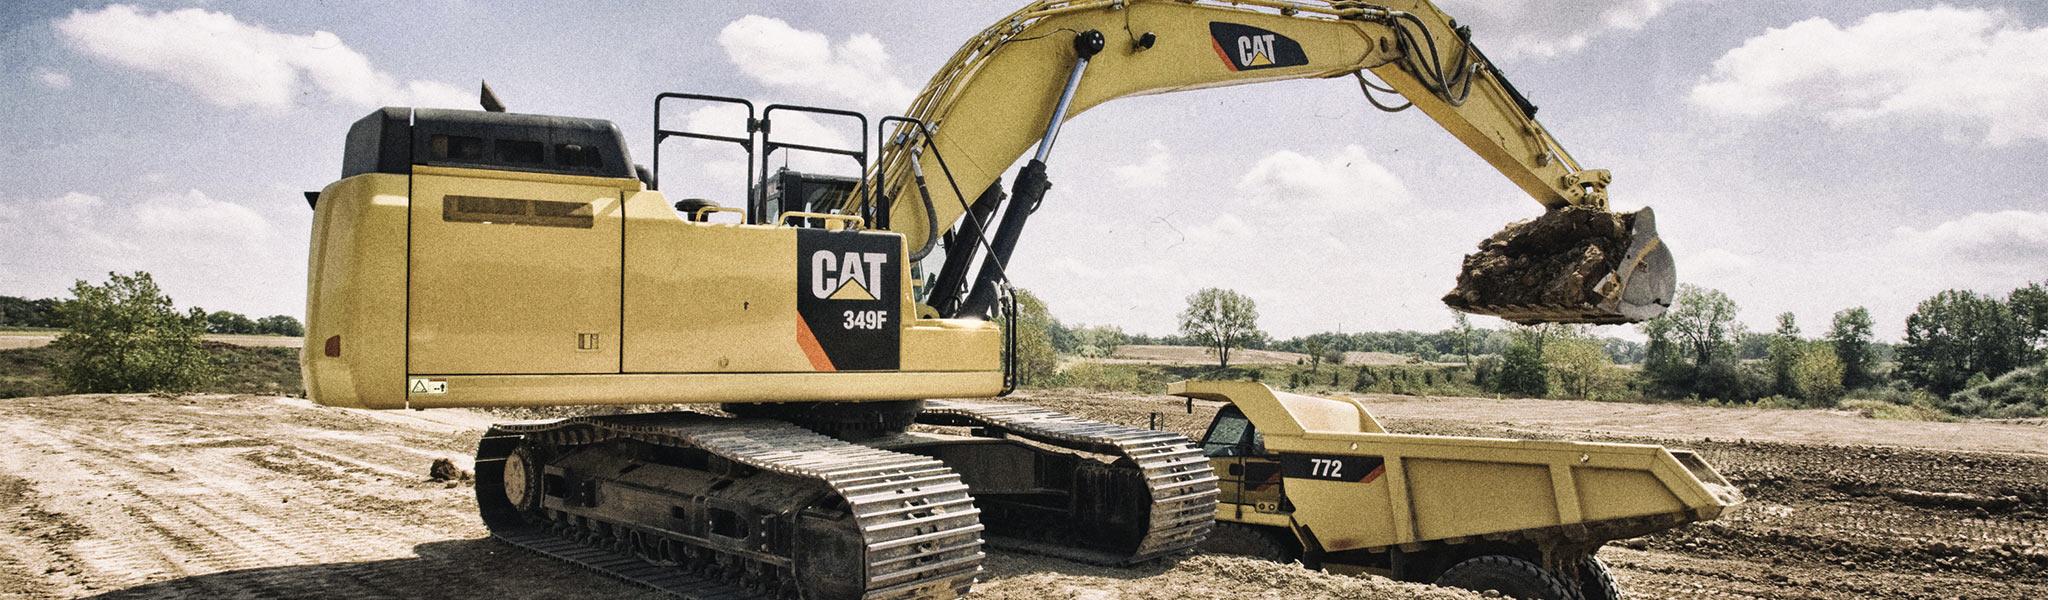 Cat 349F Excavator